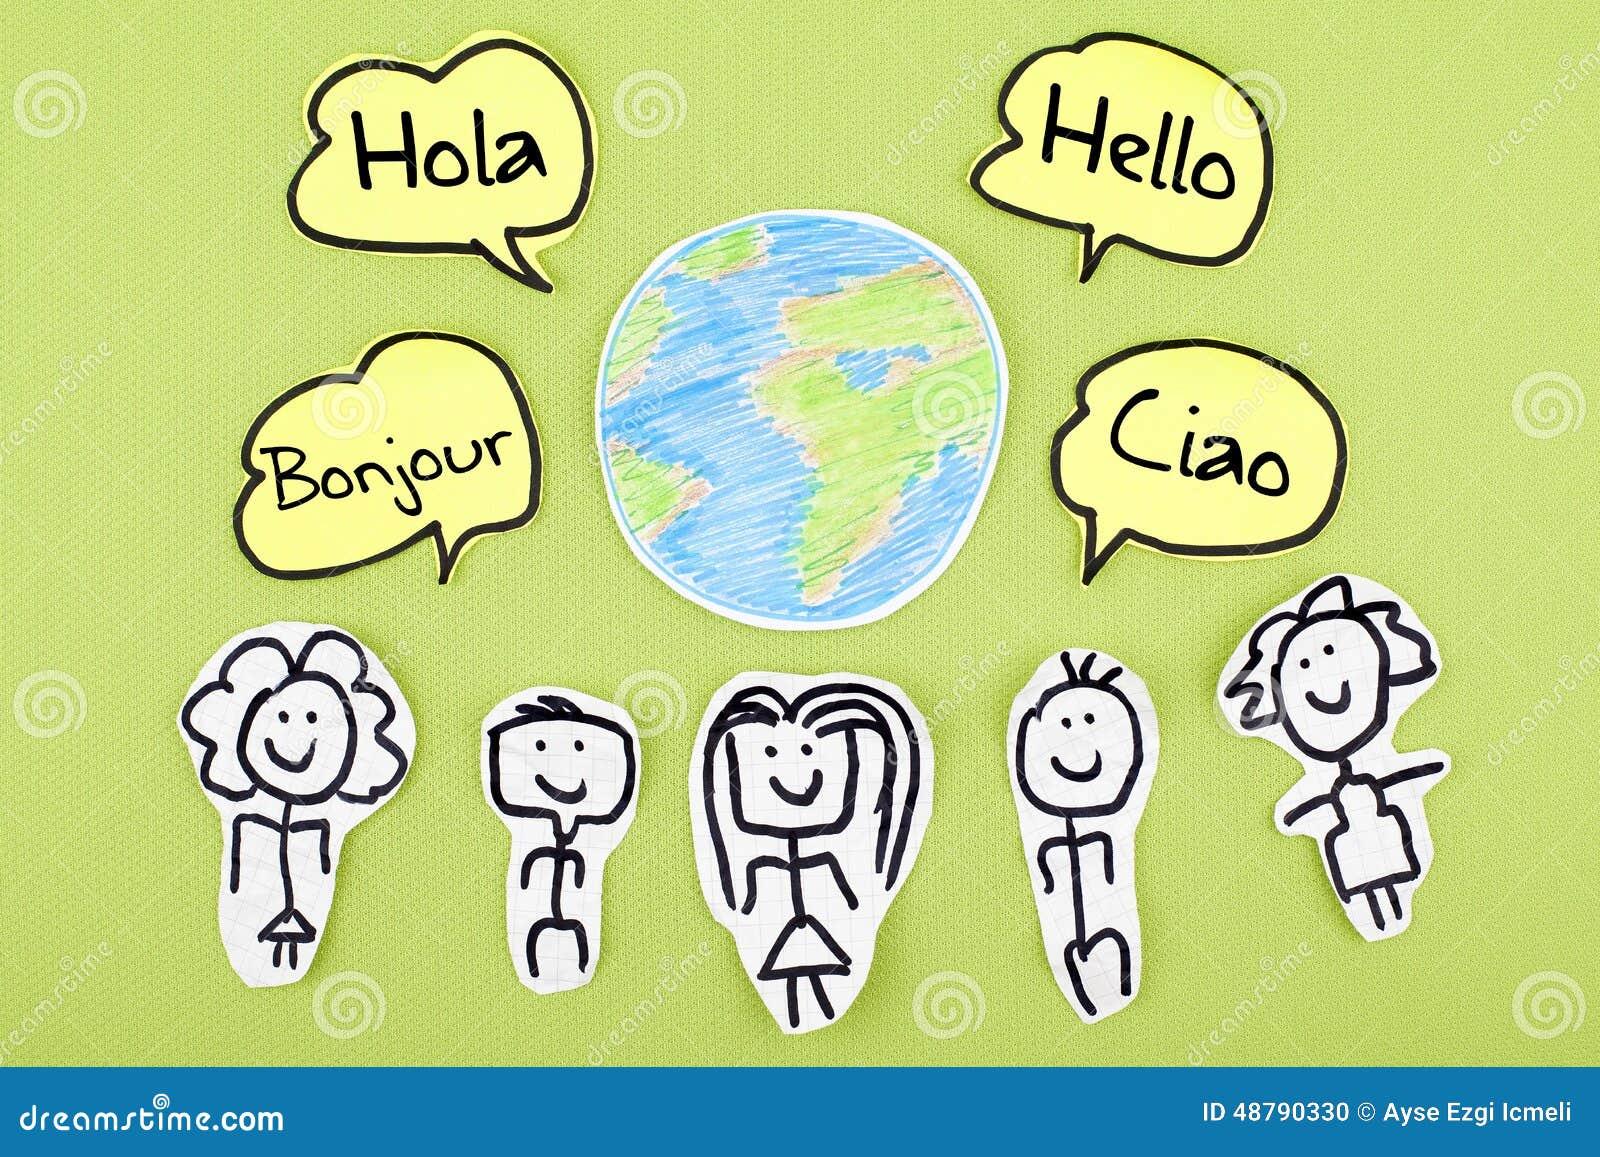 Bonjour dans différentes langues étrangères globales internationales Bonjour Ciao Hola